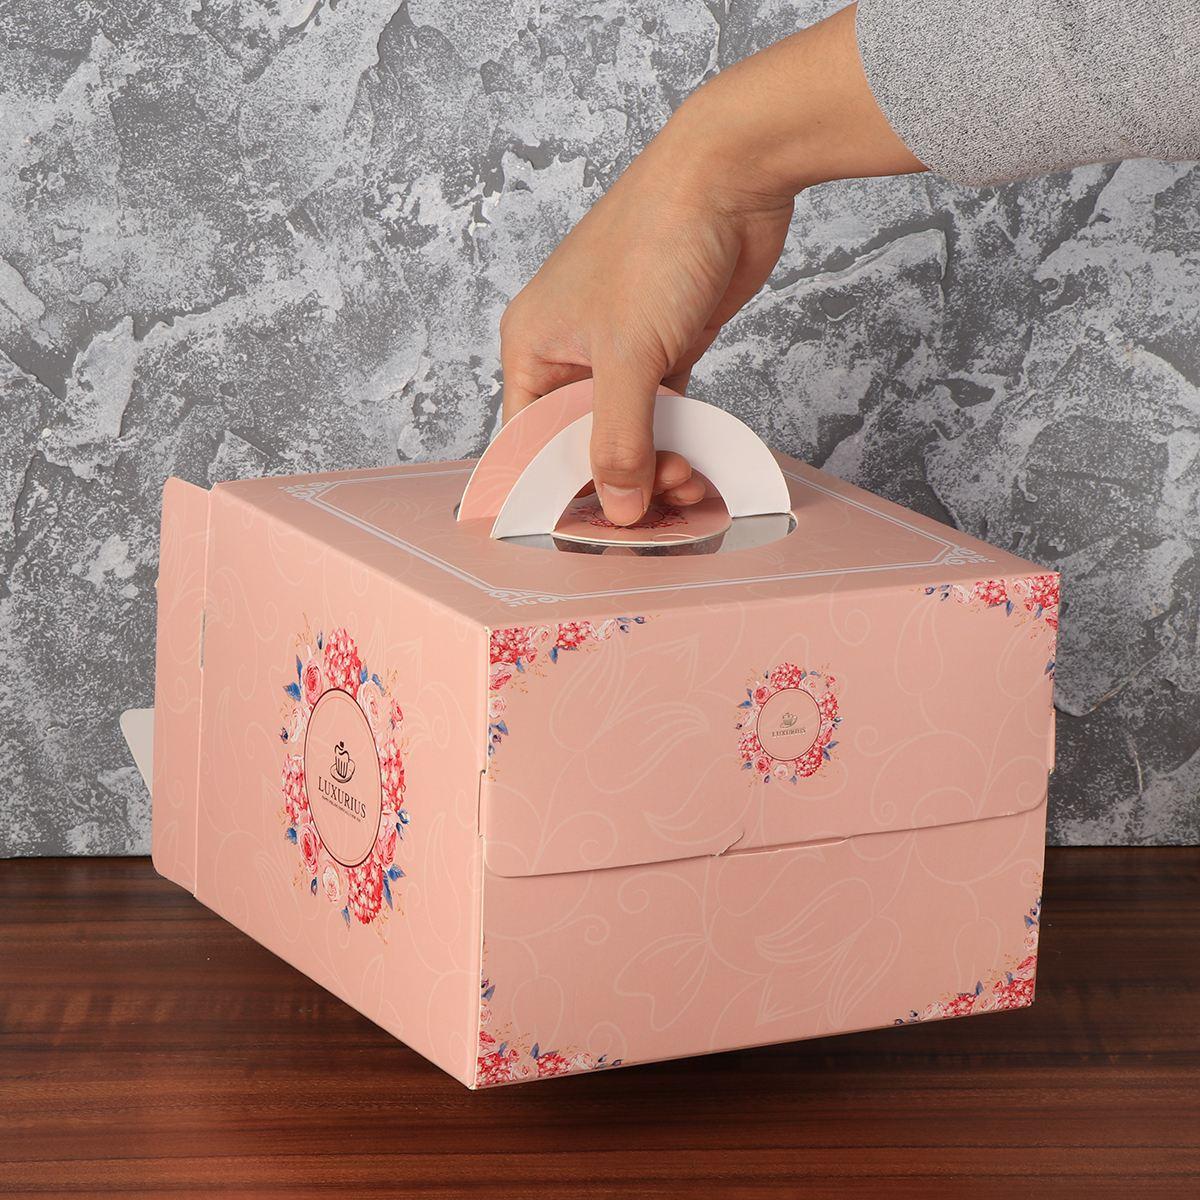 6 pulgadas portátil pastel de cumpleaños caja rosa de boda de papel cajas para pasteles y embalaje panadería de caja de papel para fiesta de boda